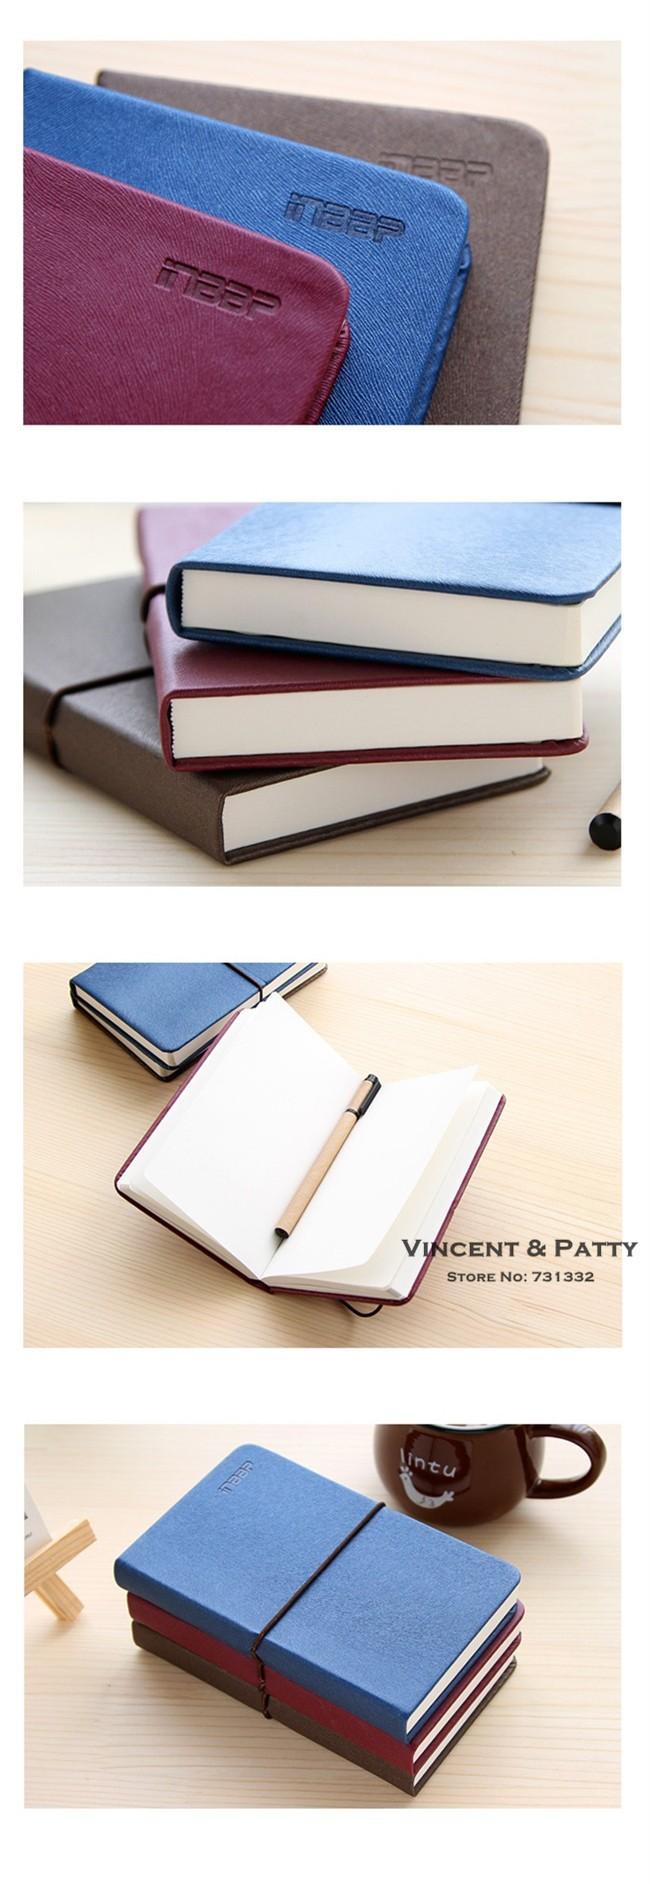 3 шт./лот винтаж кожа ноутбук эластичный шнурок высокое качество в сторону фиолетовый сап книжка для журнала pest дня школьные принадлежности 6617